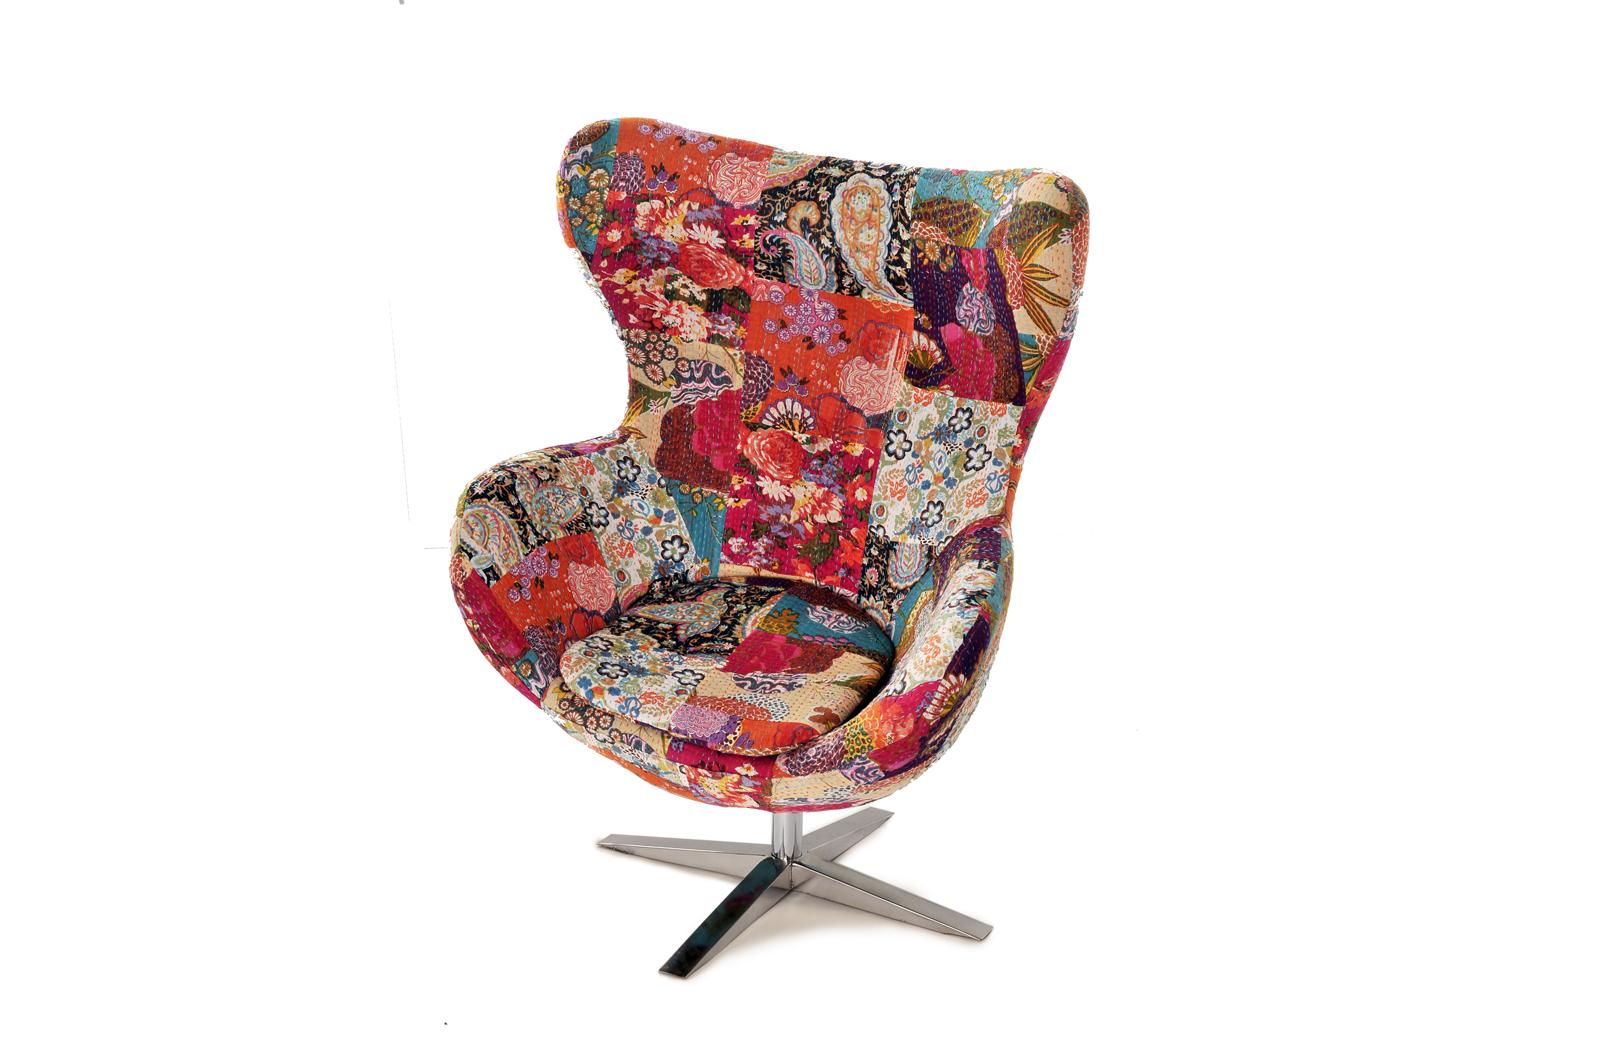 sam design armlehn stuhl in bunt muster 4620 cpg21. Black Bedroom Furniture Sets. Home Design Ideas